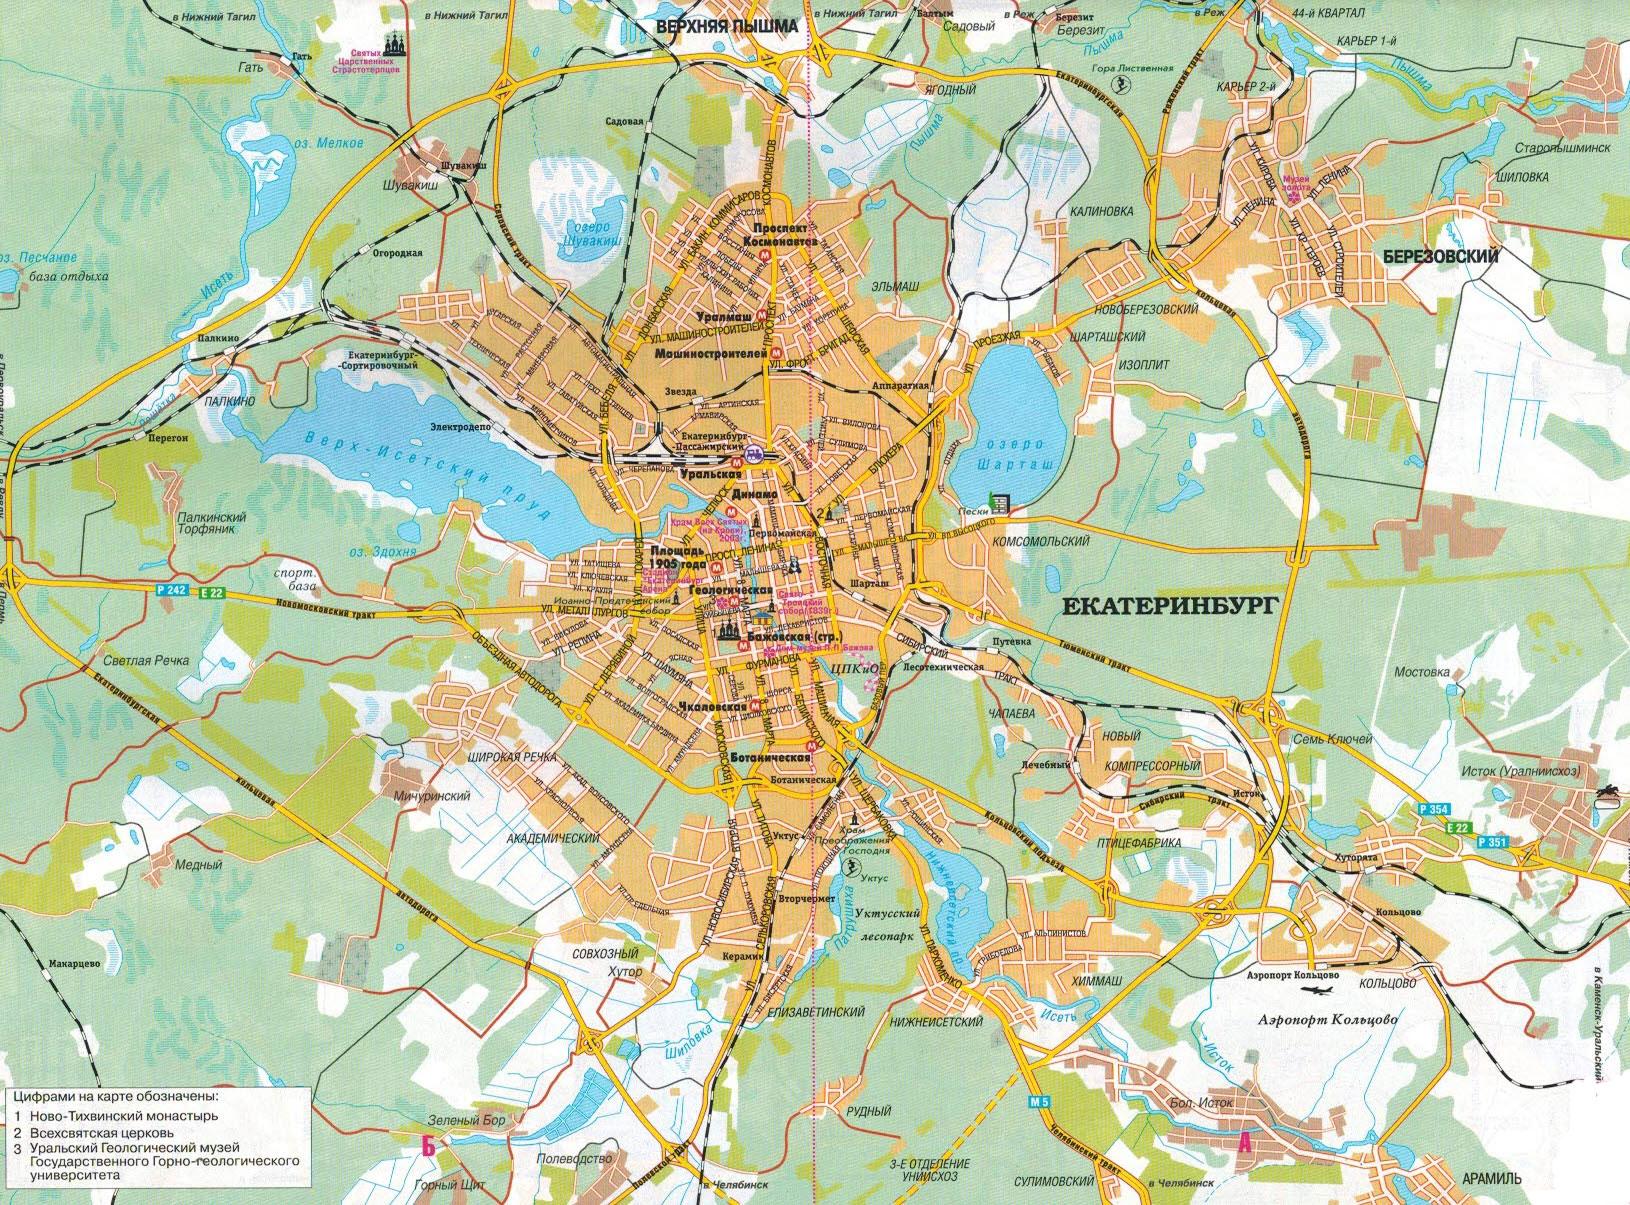 Настенная карта города Екатеринбург, ламинированная, р-р 1,0*0,75 м